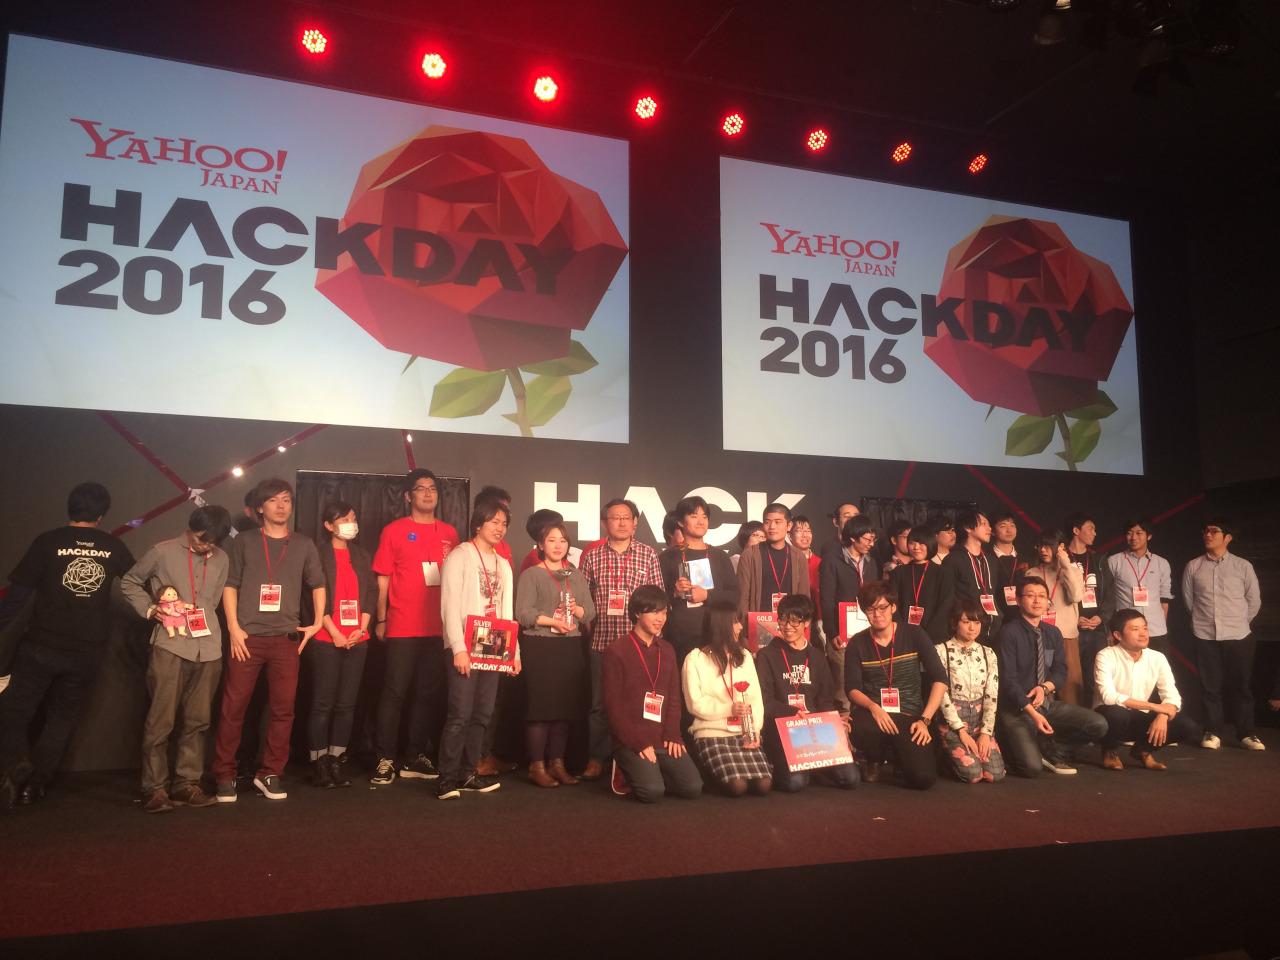 日本最大級のハッカソン「Hack Day 2016」を開催